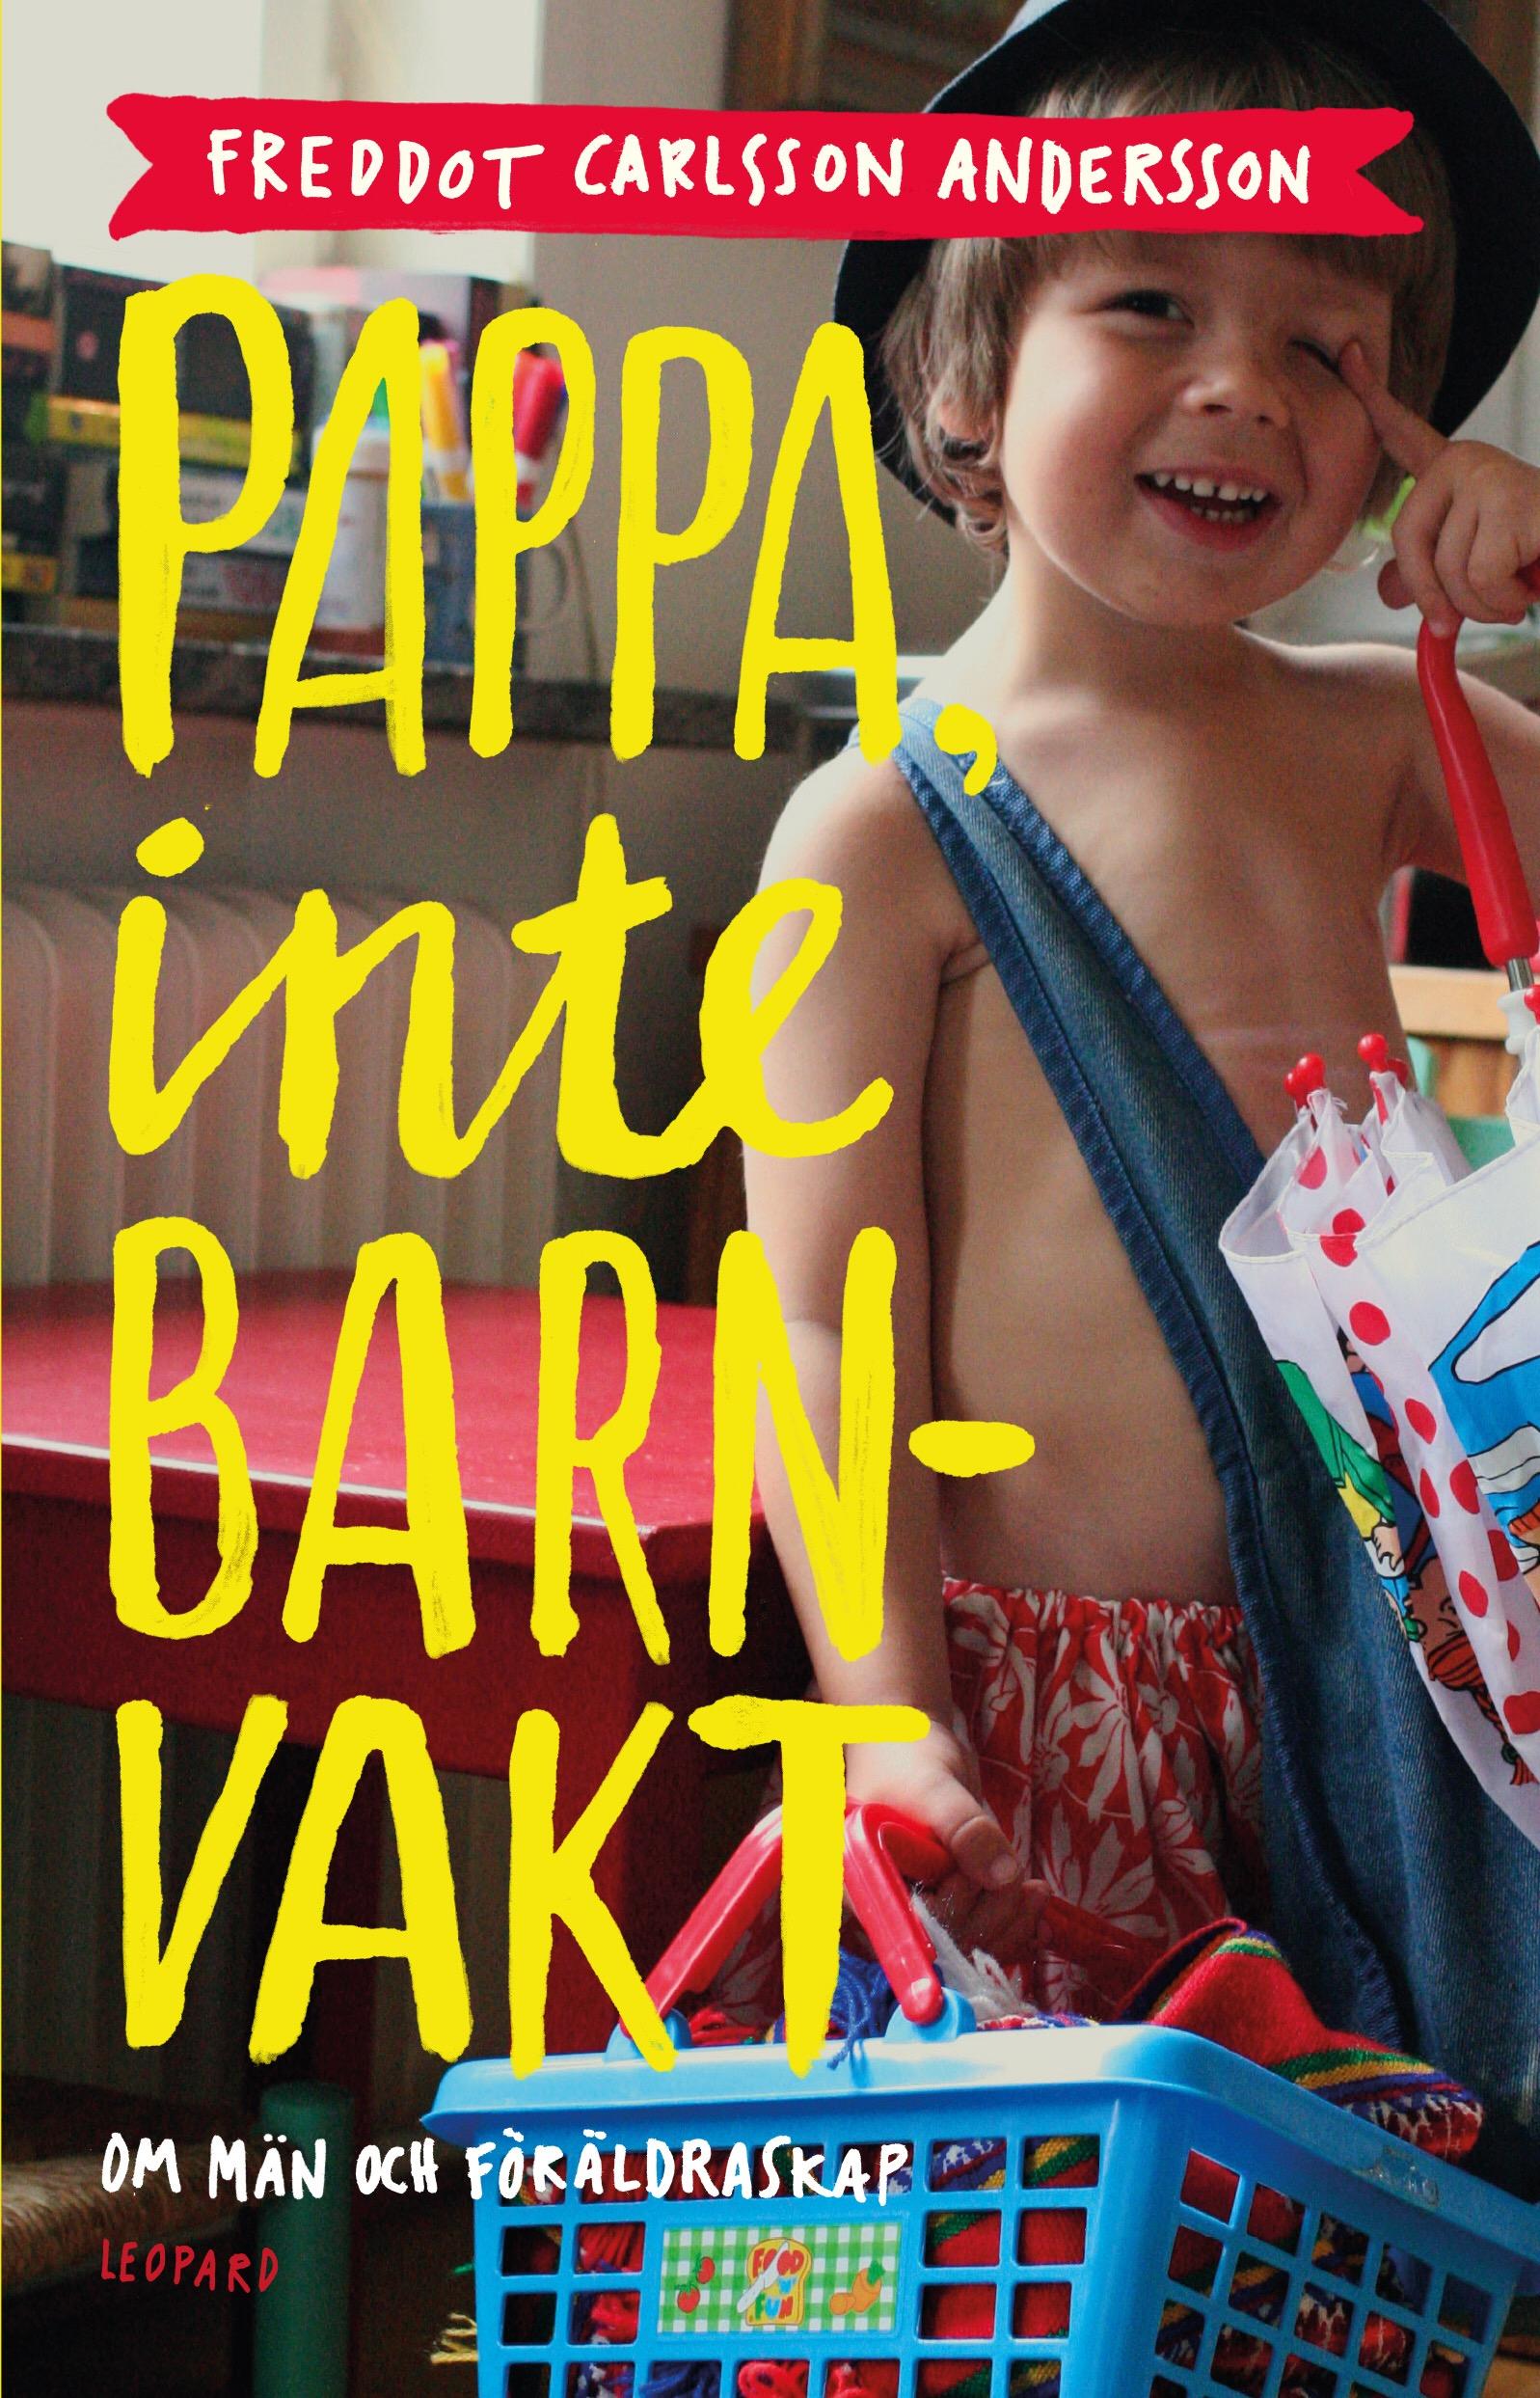 Bokomslag till Pappa, inte barnvakt - en bok om papparollen utifrån ett jämställdhetsperspektiv